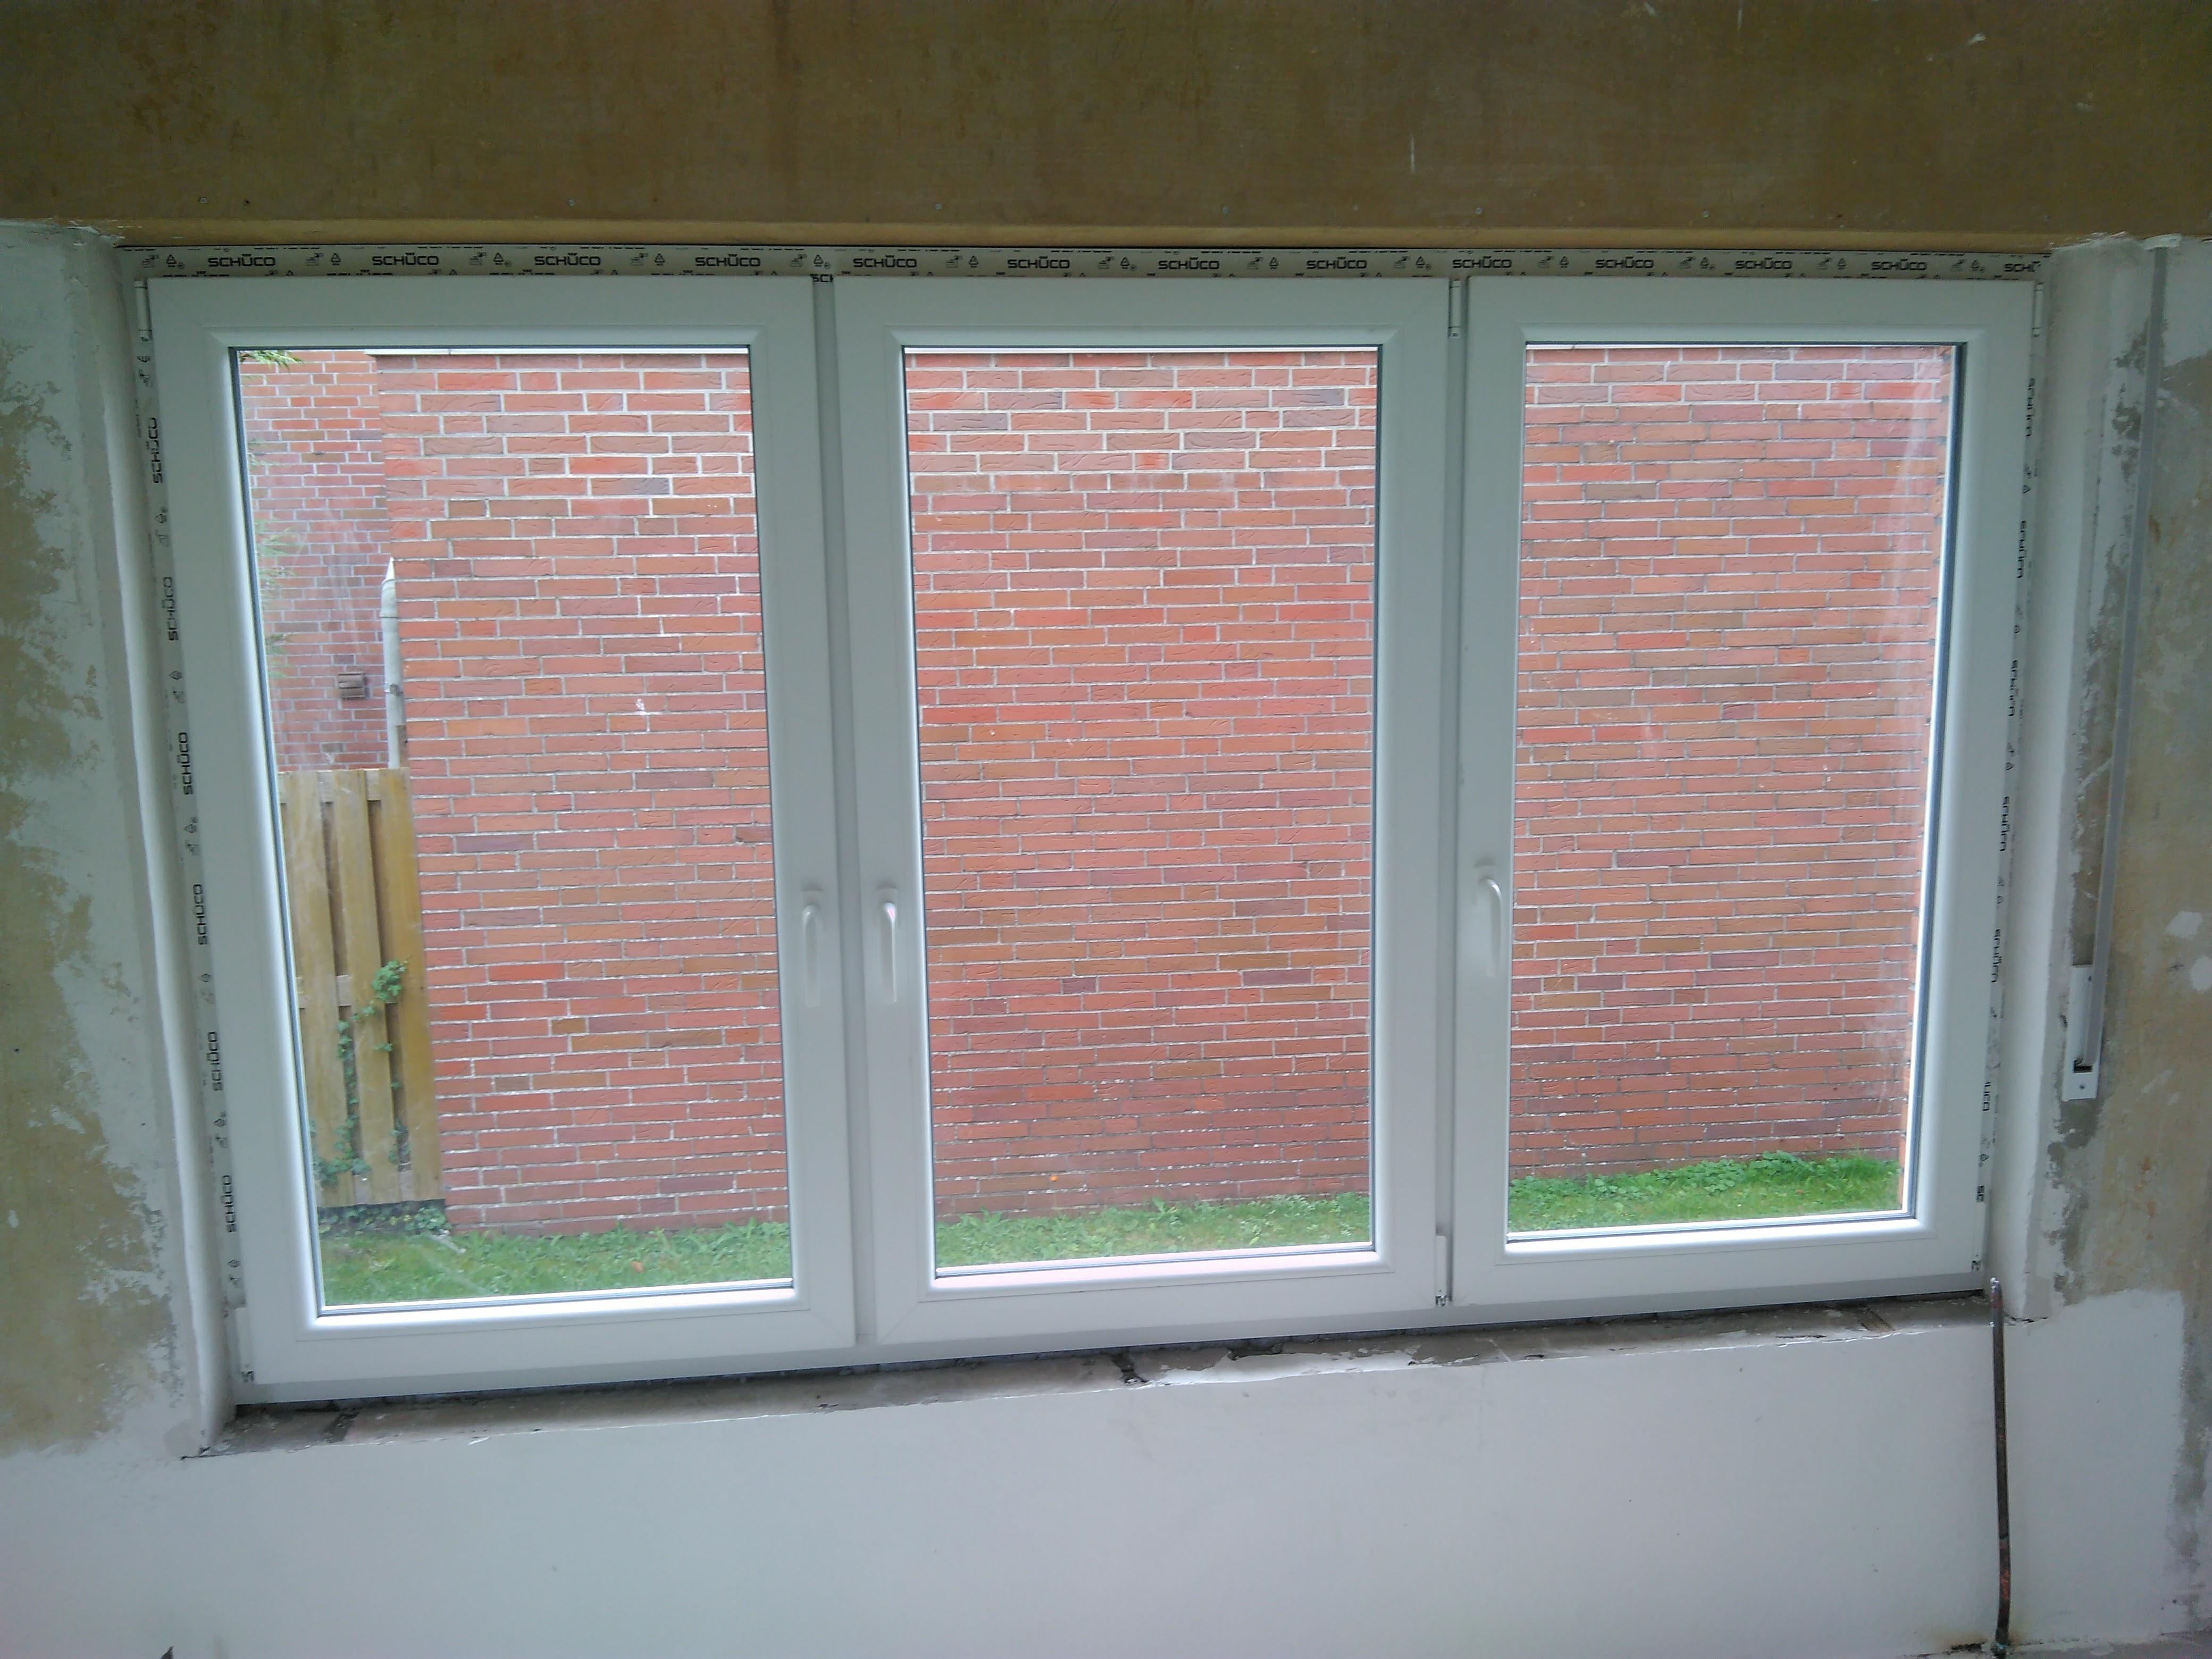 3-teiliges Wohnzimmerfenster innenansicht